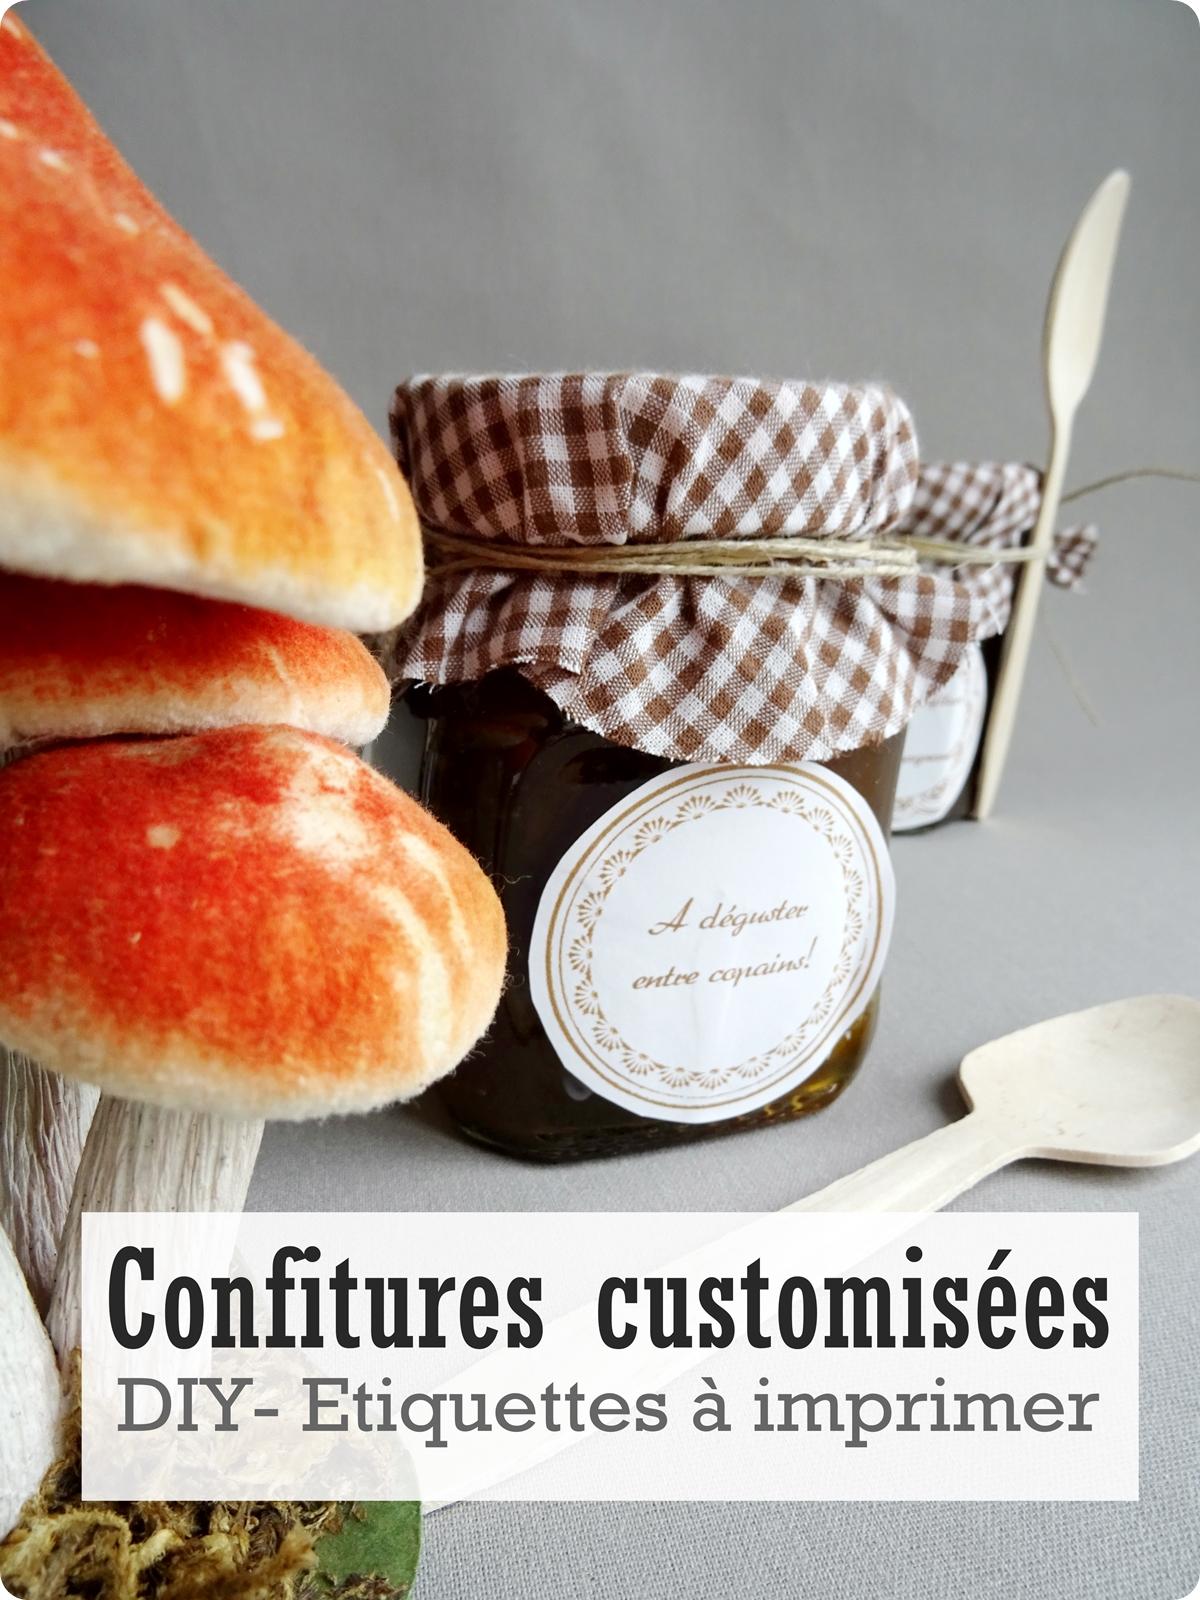 Pots de confiture customisés-DIY-Etiquettes à imprimer